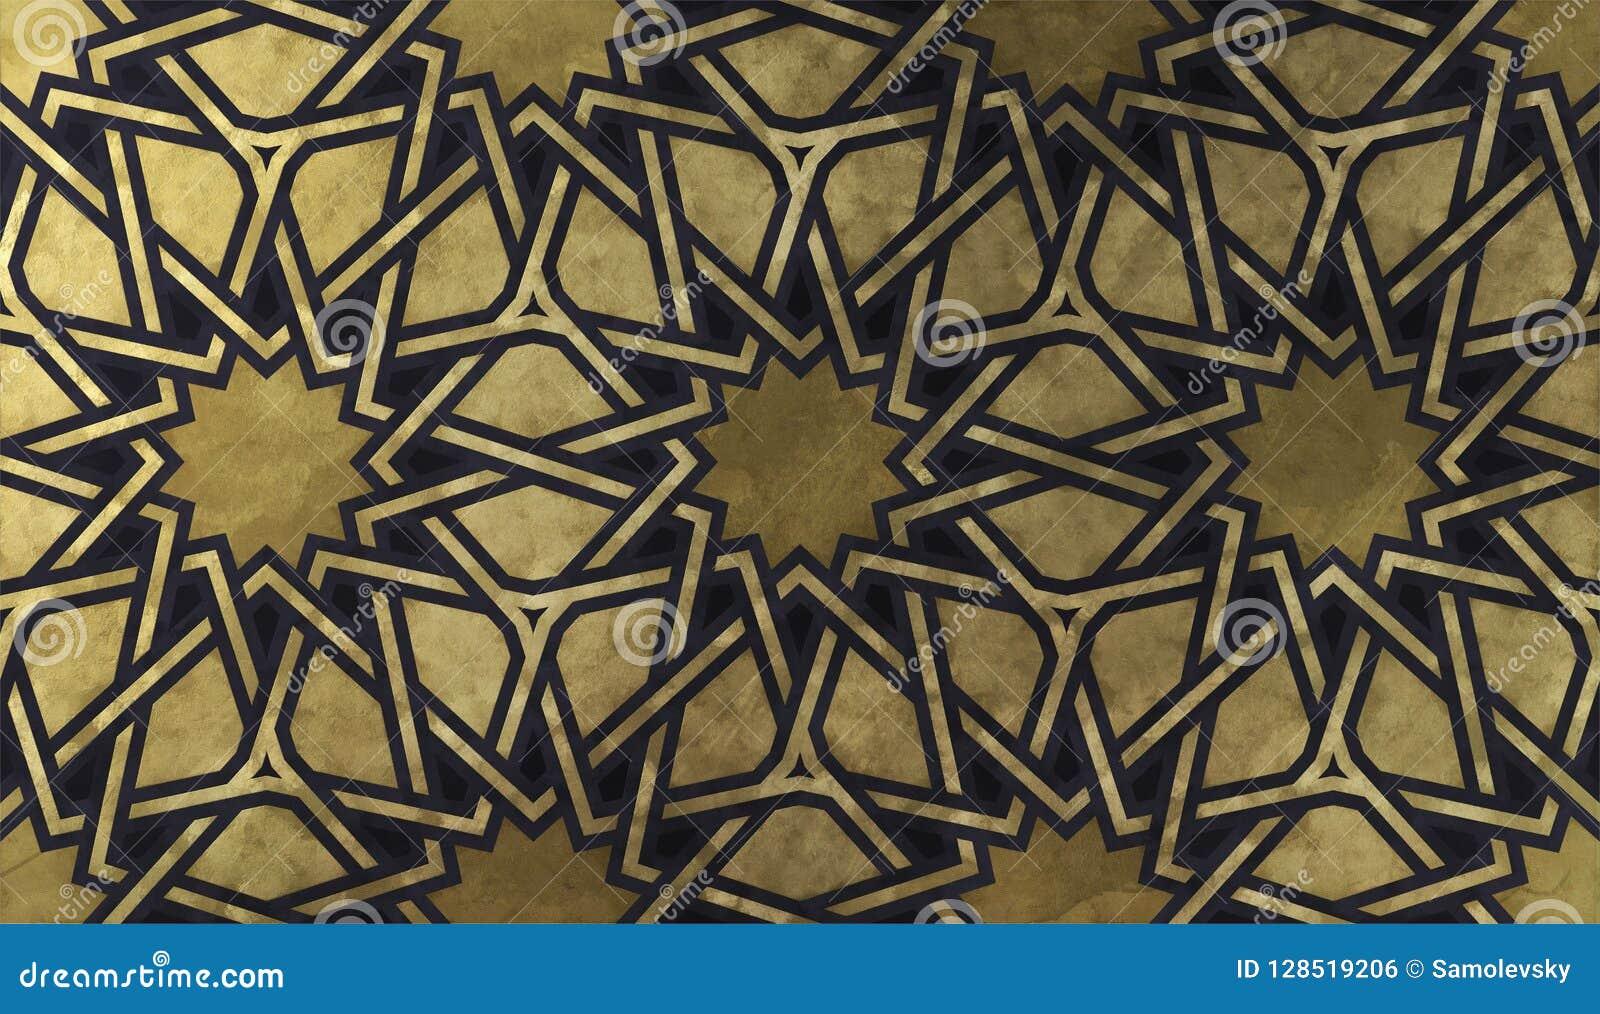 Modello decorativo islamico con struttura artistica dorata